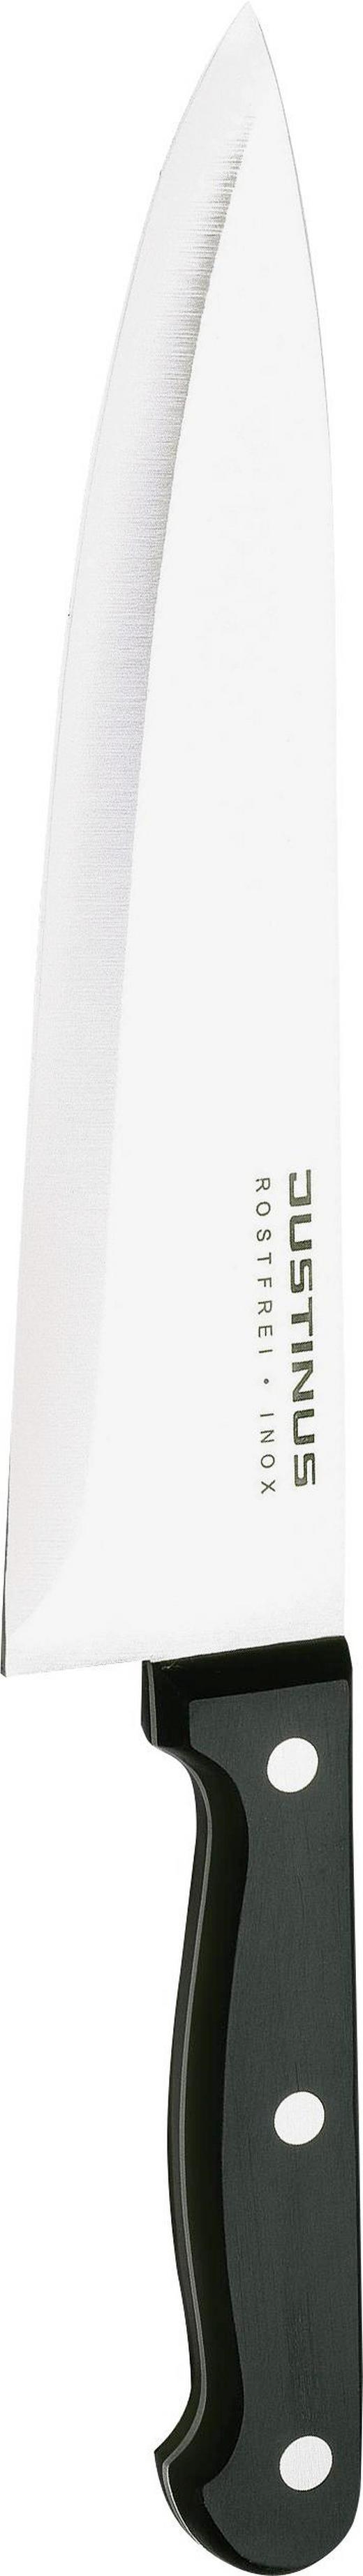 KOCHMESSER   32 cm - Silberfarben/Schwarz, Basics, Kunststoff/Metall (32cm) - Justinus